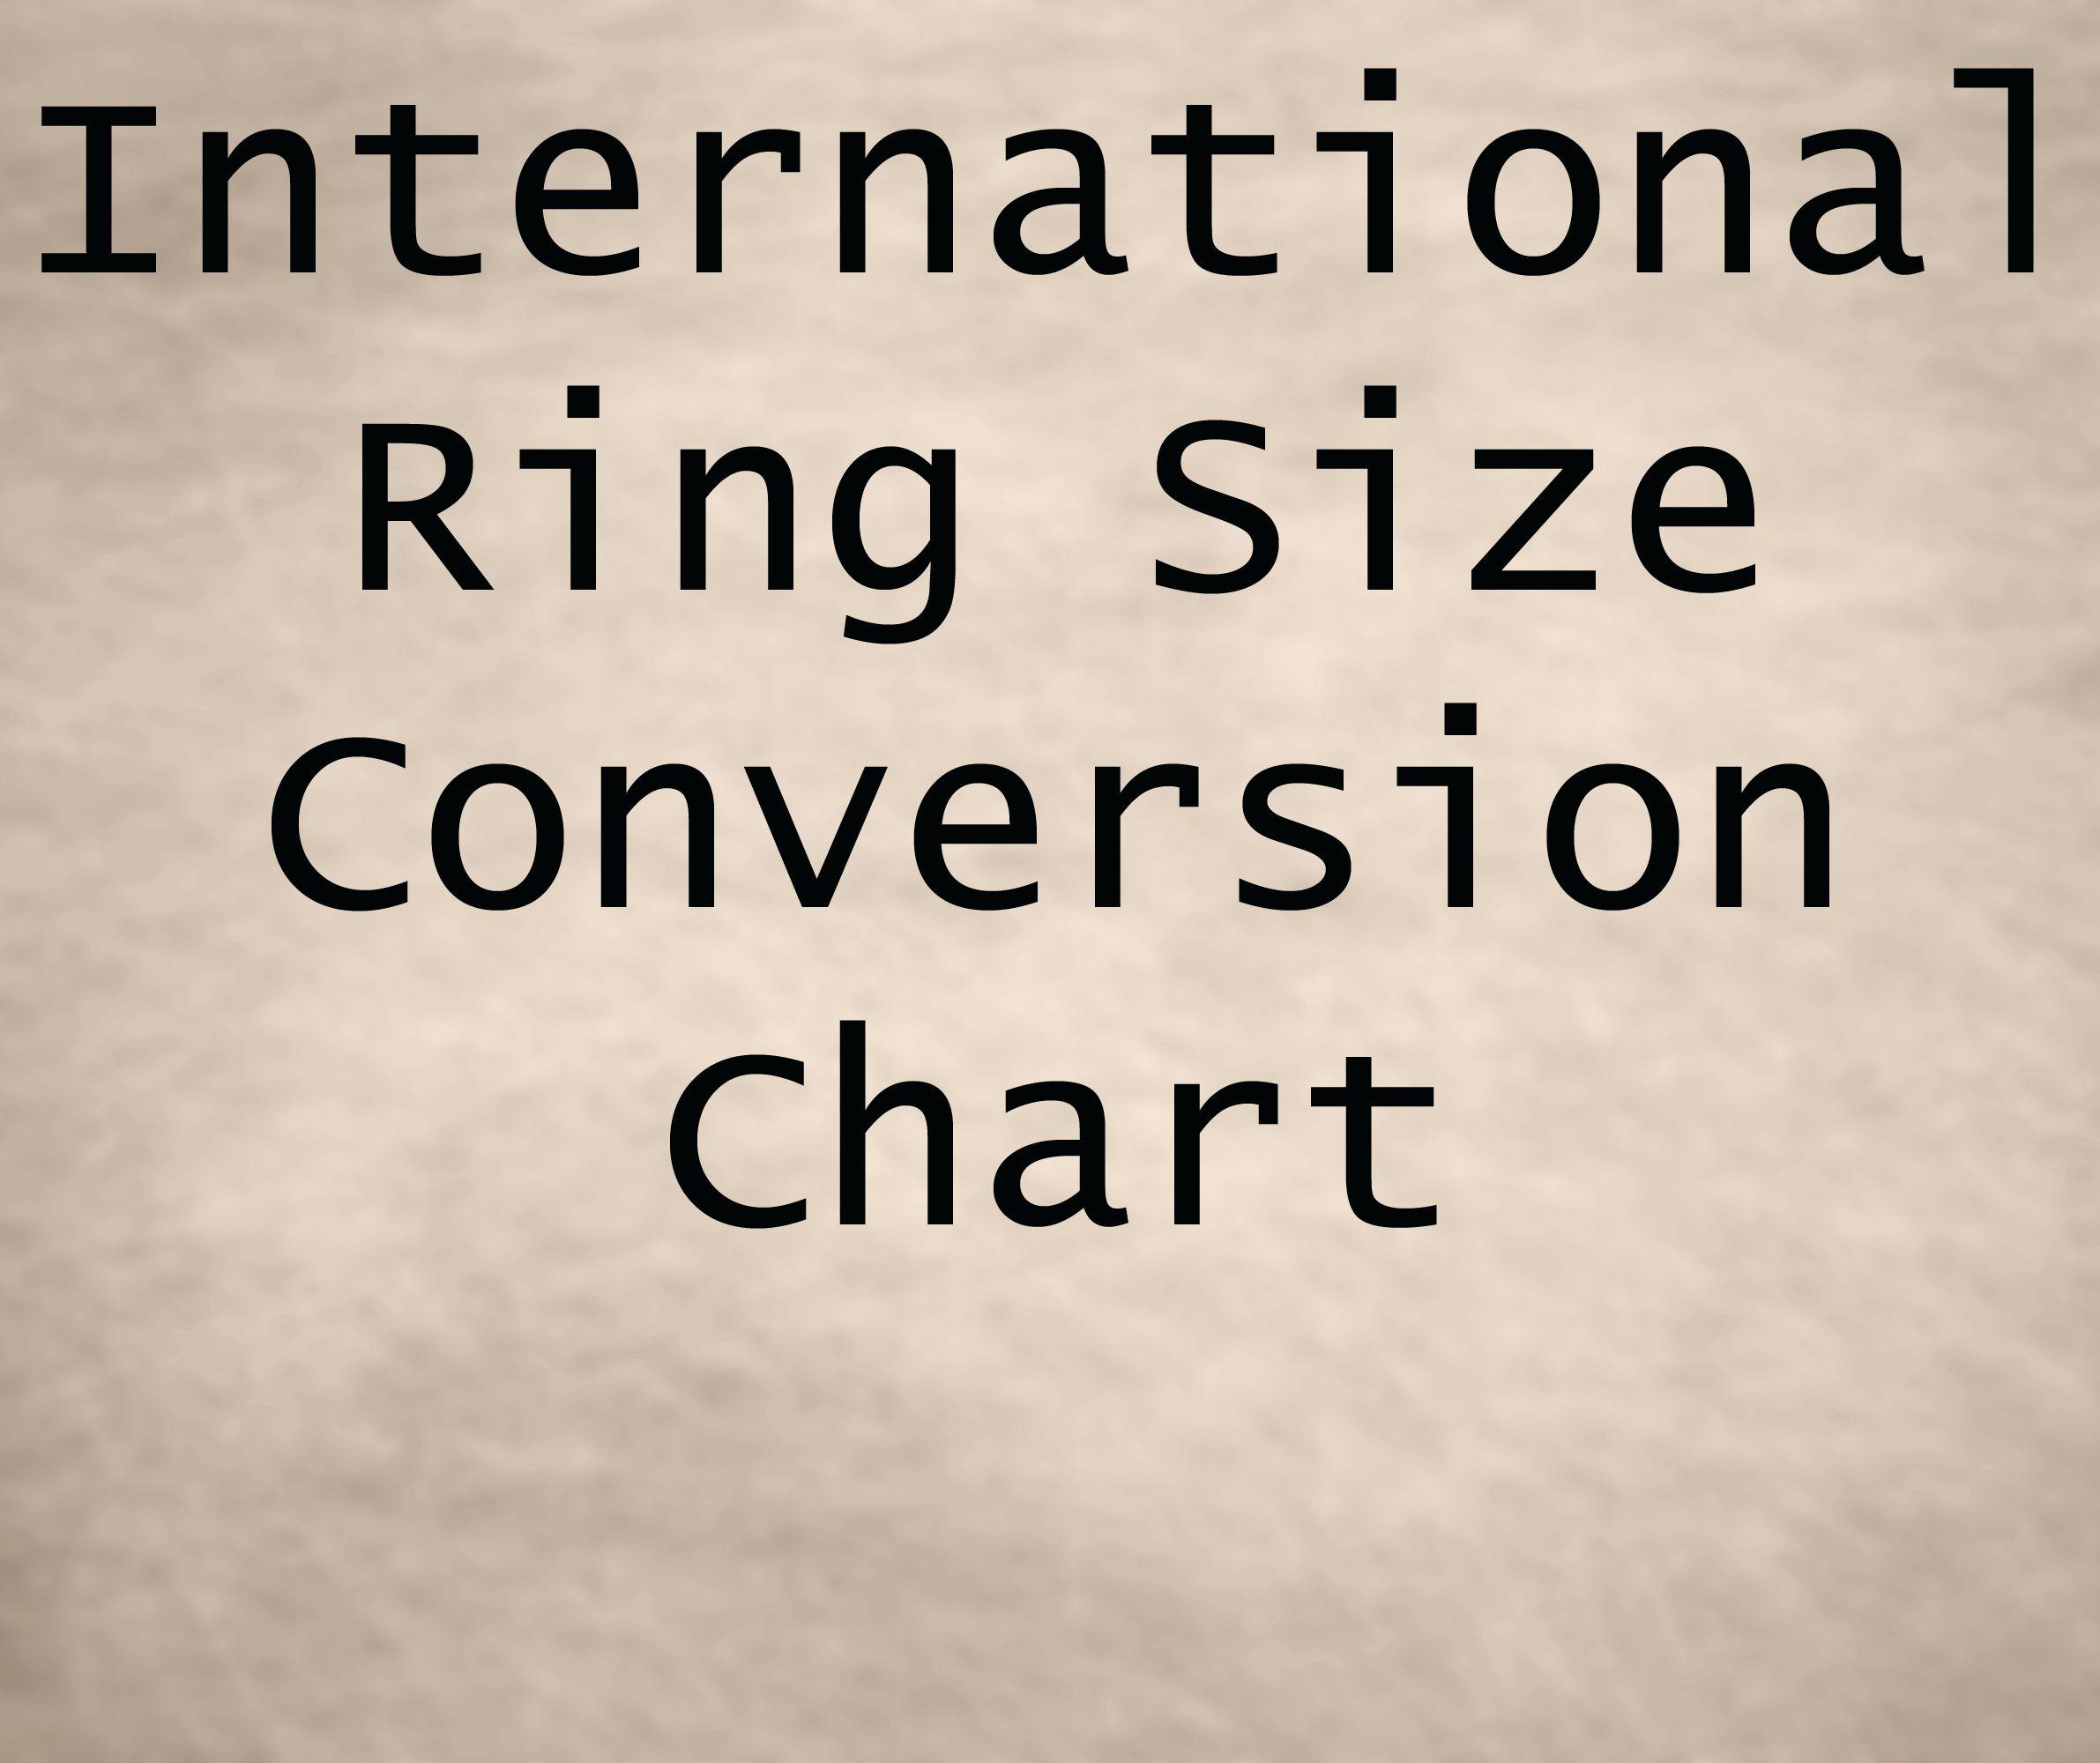 International ring size conversion chart brides guide pinterest international ring size conversion chart nvjuhfo Choice Image